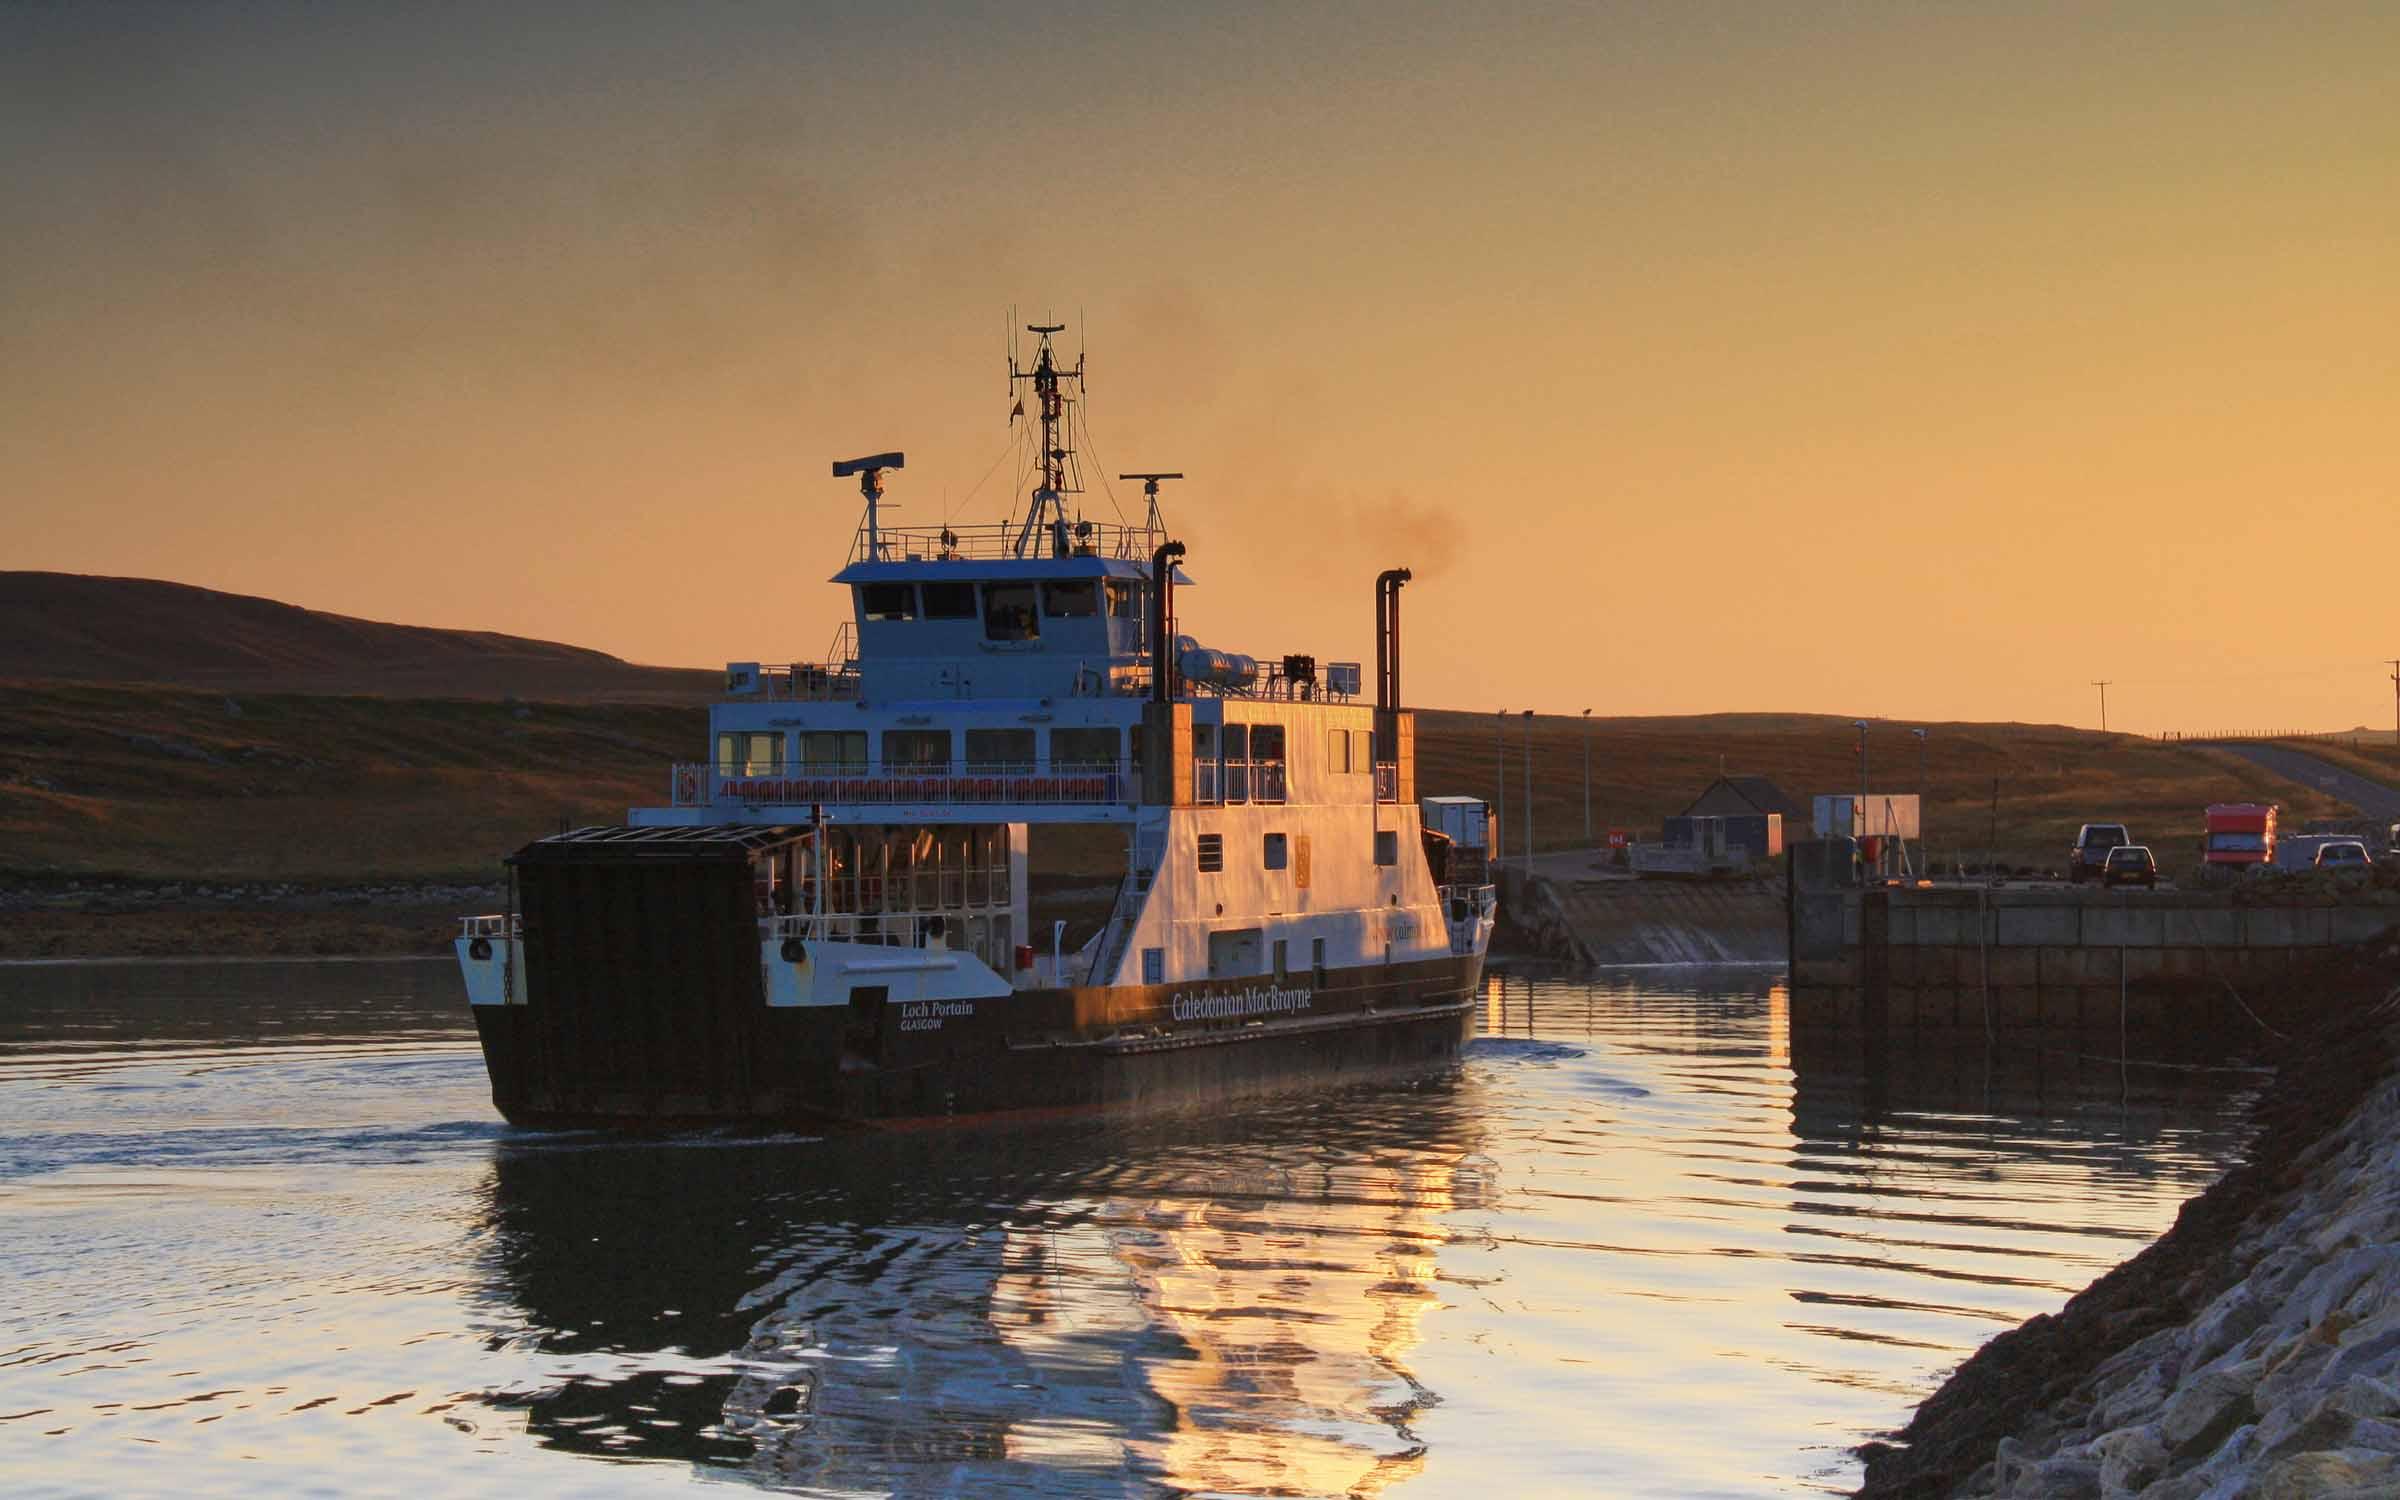 Loch Portain approaching Otternish